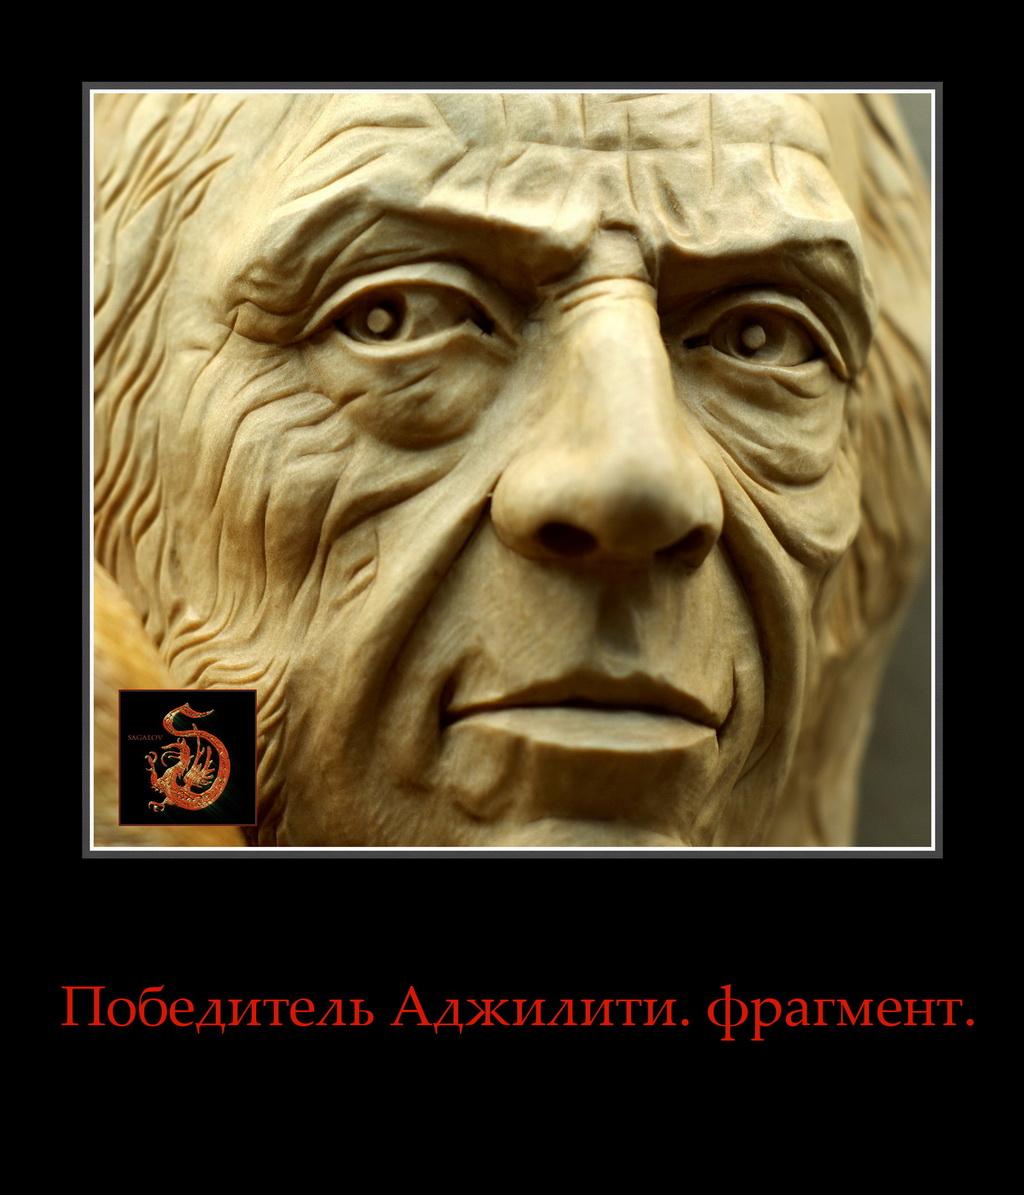 http://s6.uploads.ru/uNa3z.jpg